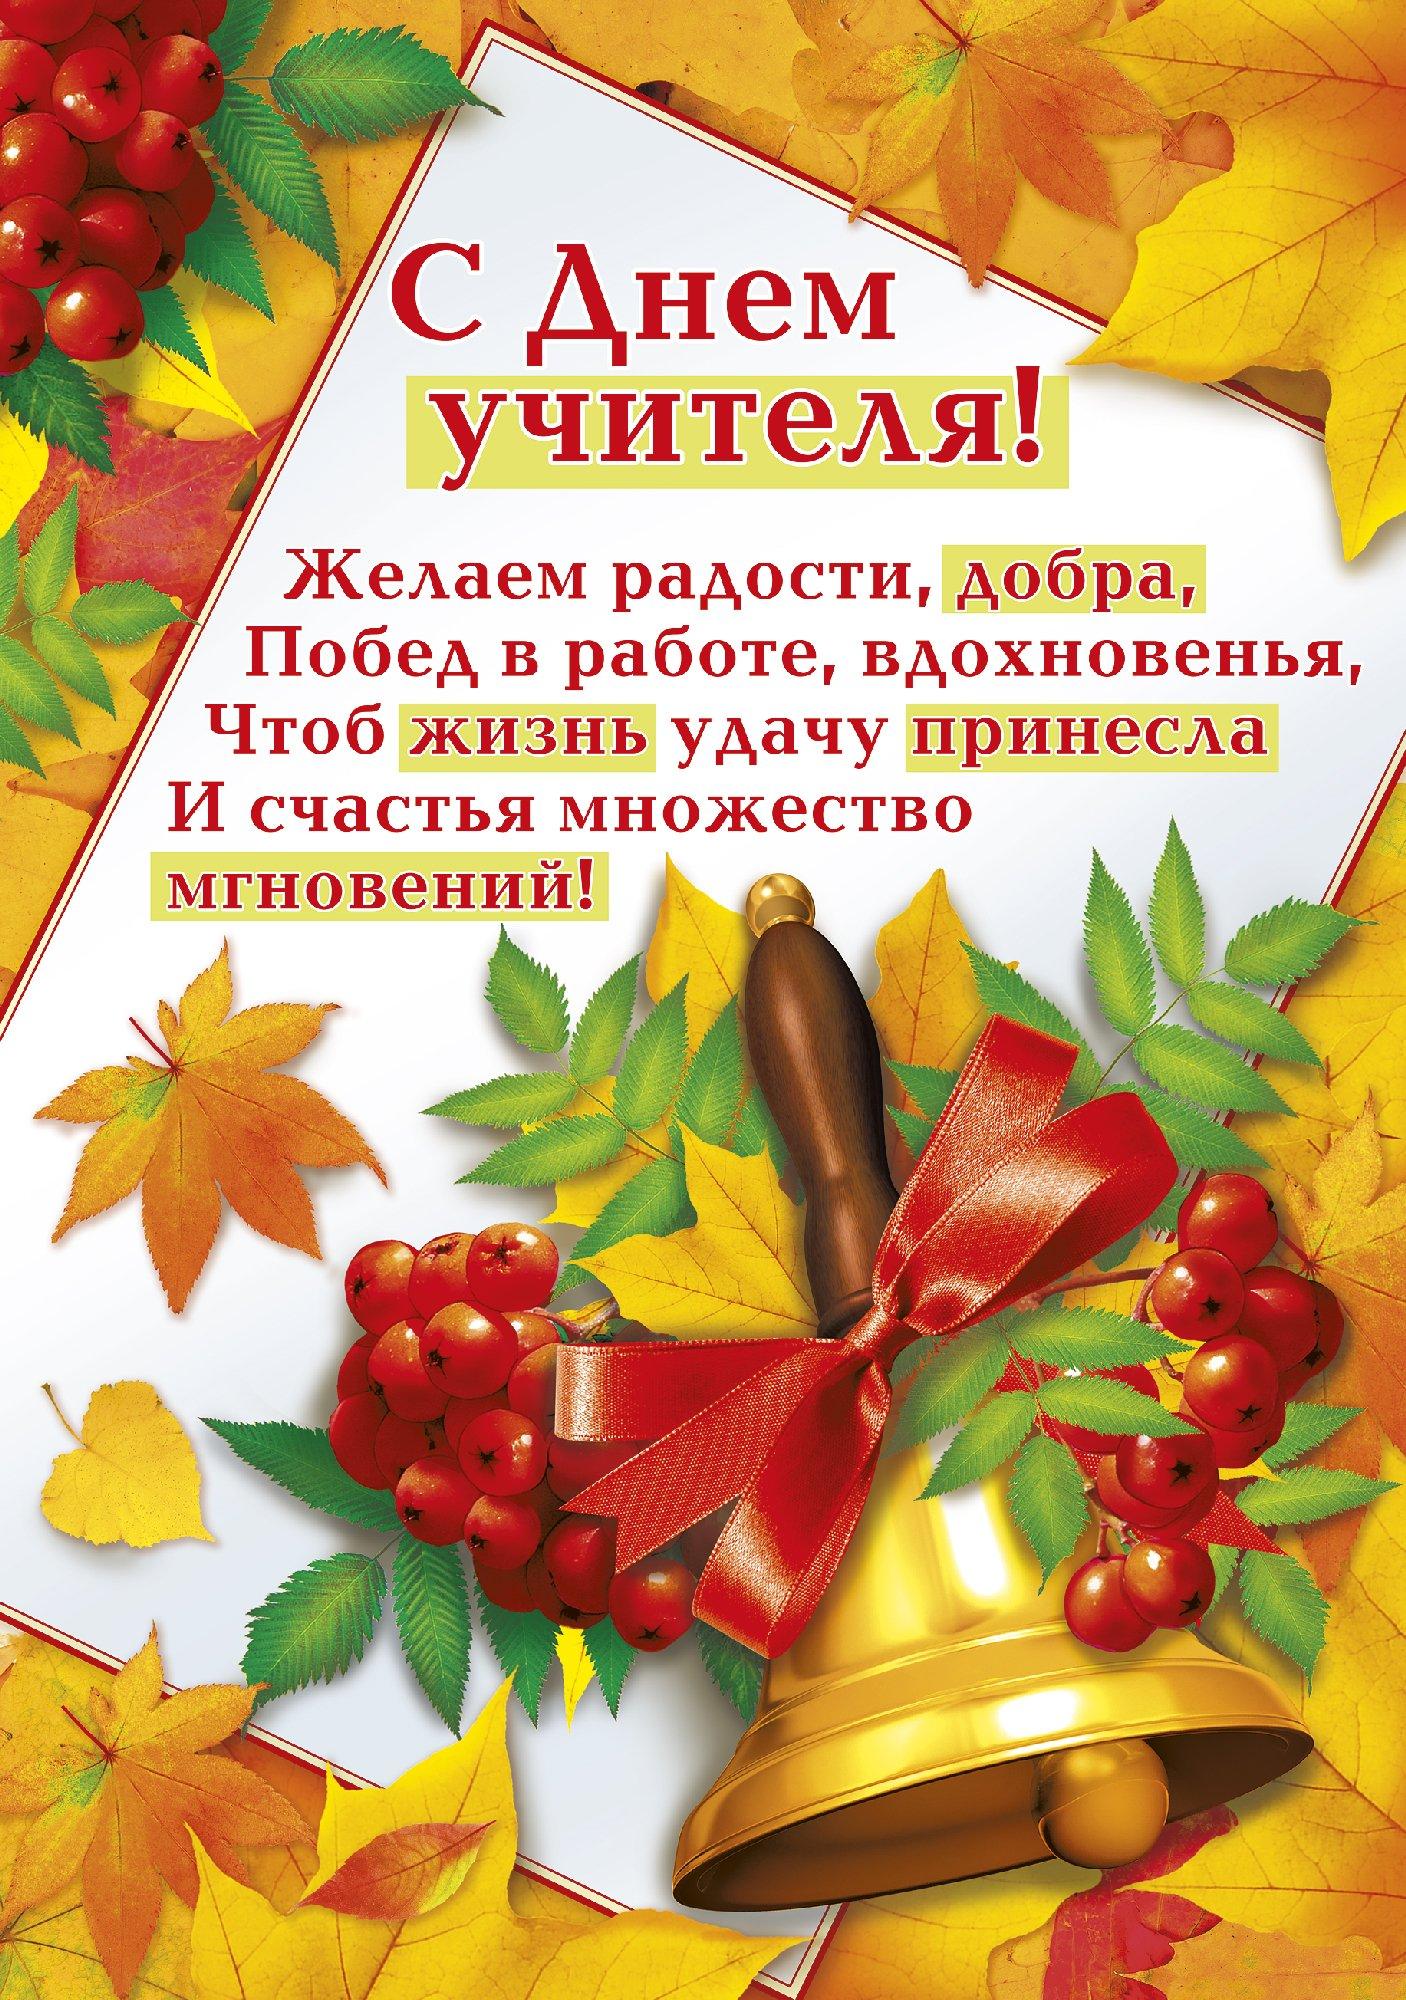 Картинки кировской, поздравления с открытками на день учителя